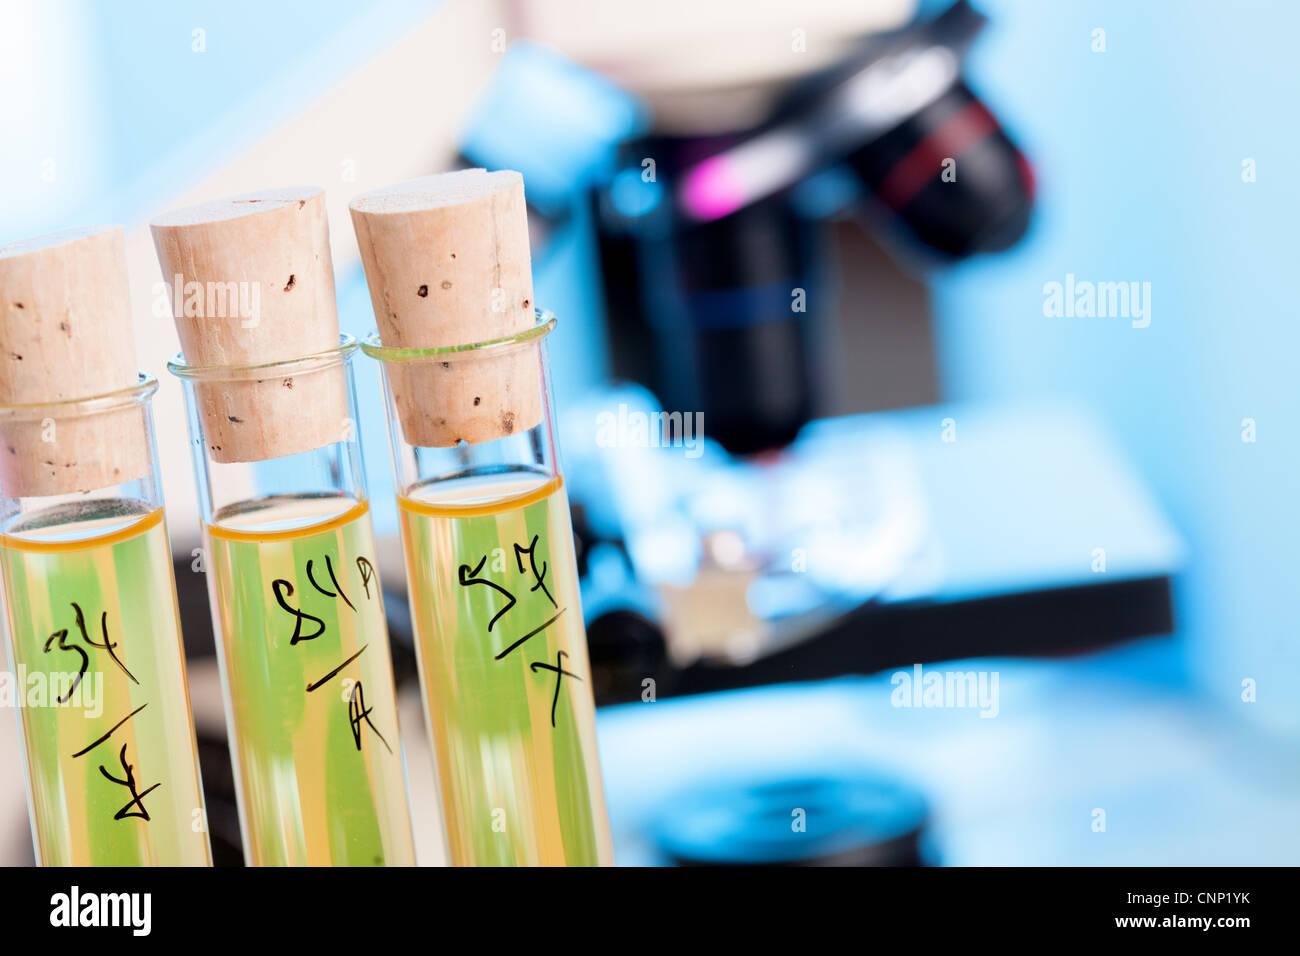 Kontrolle-Sicherheit von Lebensmittelzusatzstoffen im chemischen Labor Stockbild